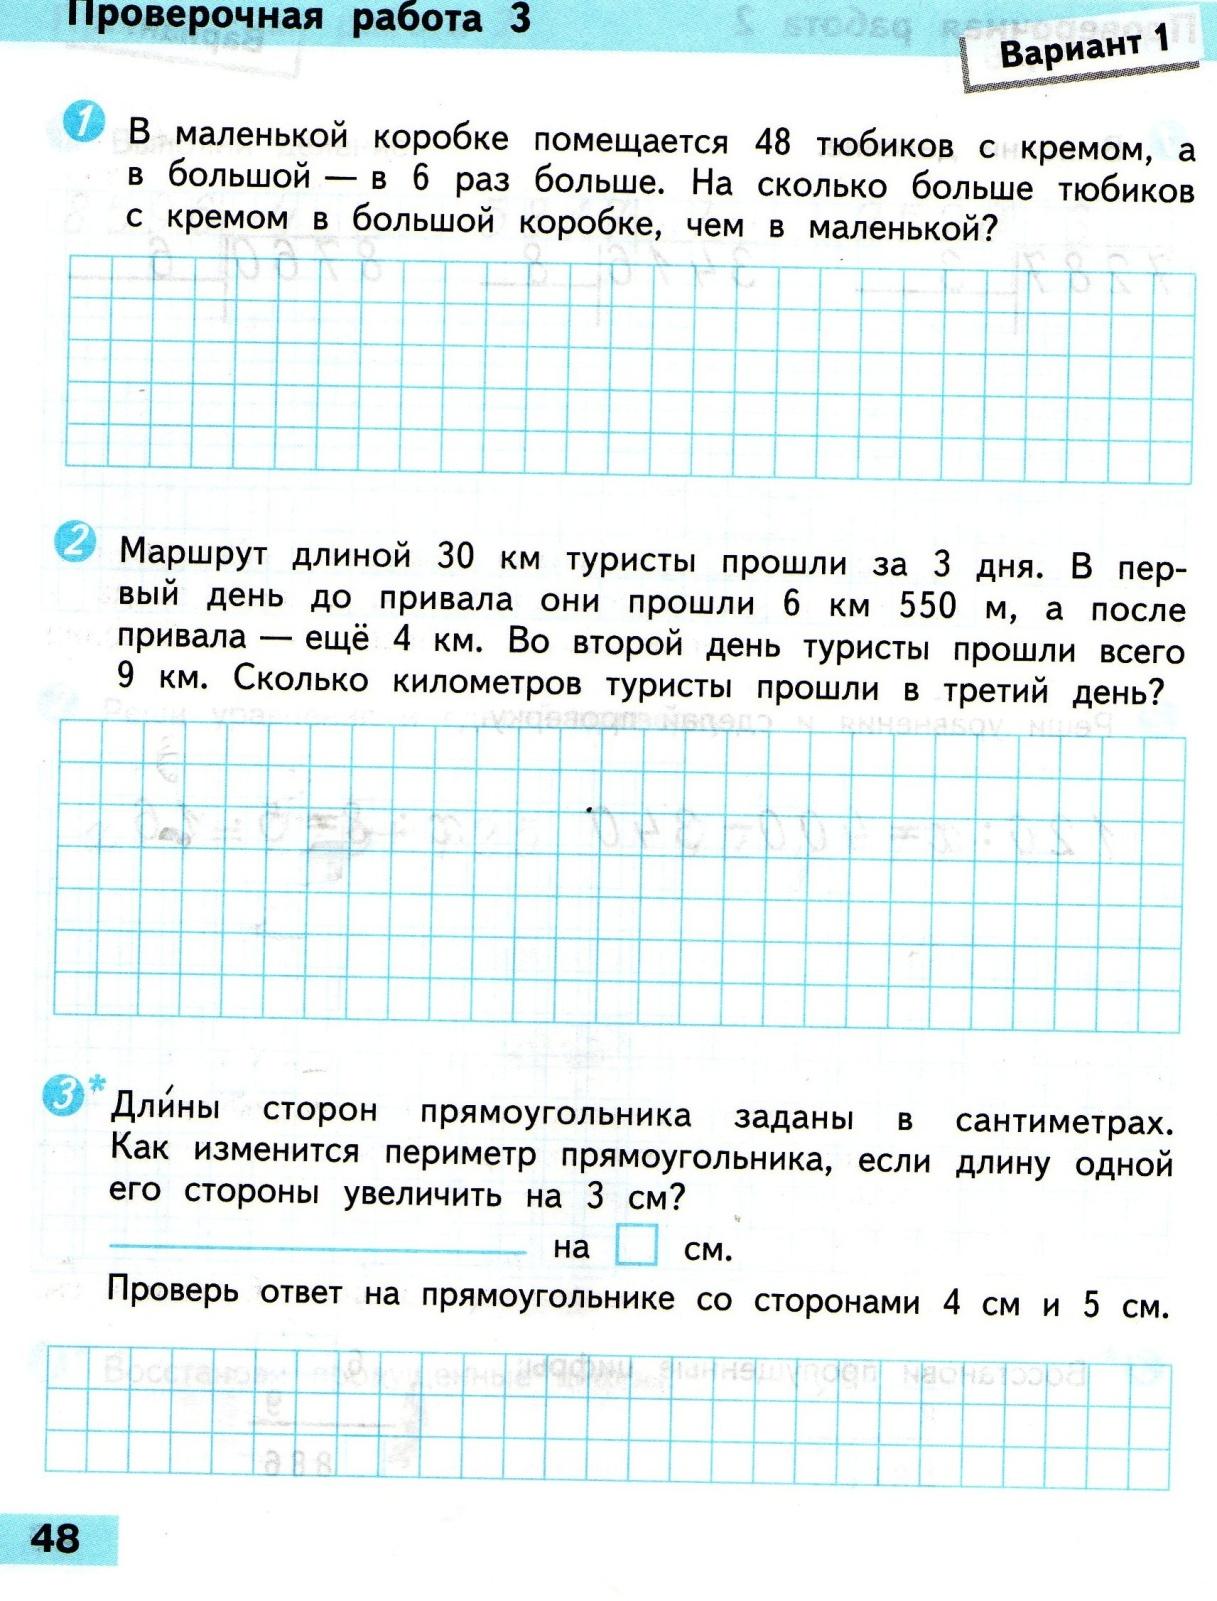 C:\Documents and Settings\Admin\Мои документы\Мои рисунки\1547.jpg